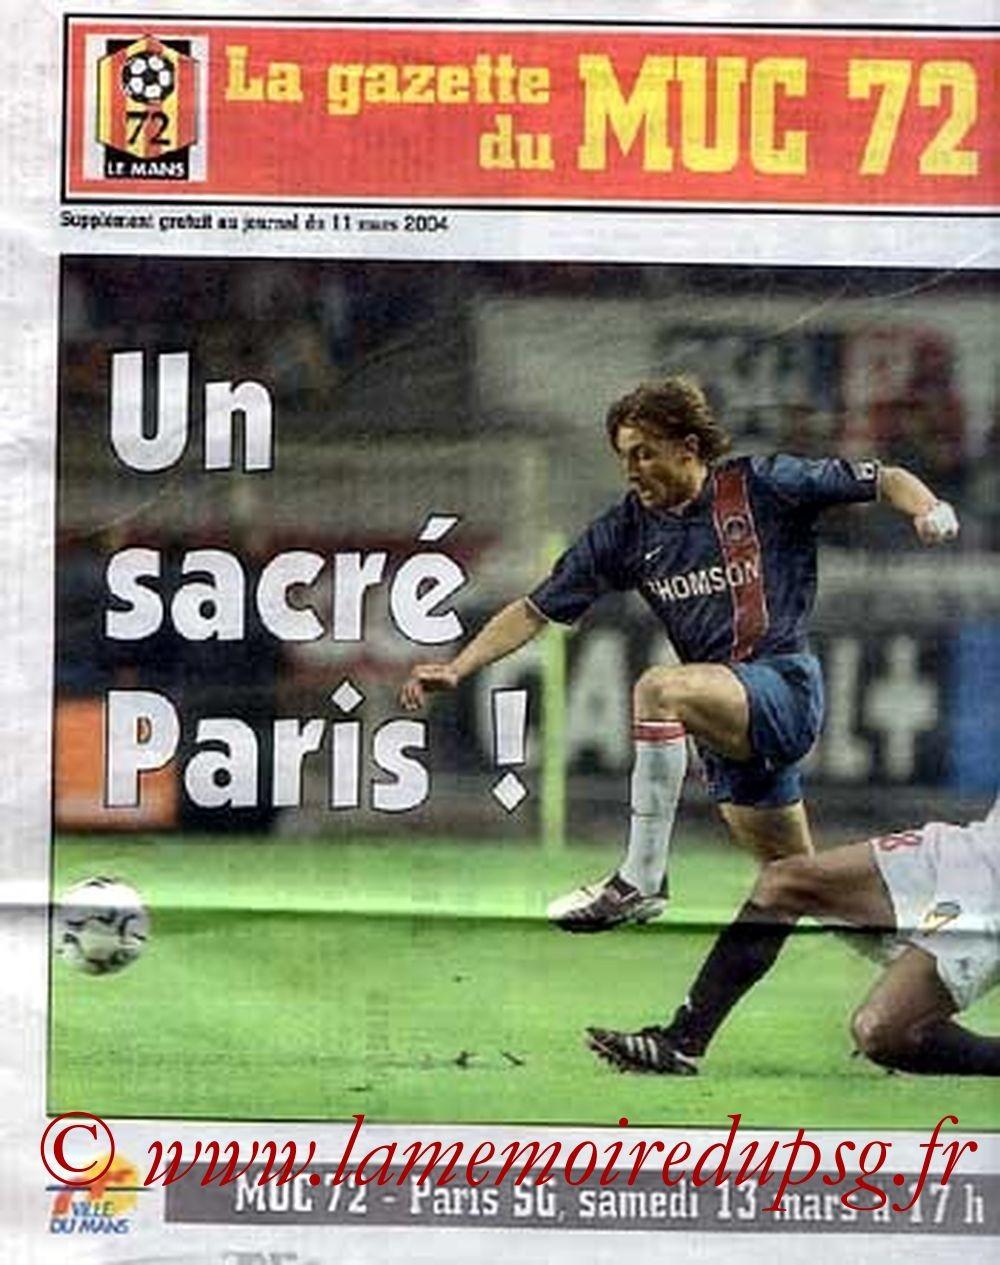 2004-03-13  Le Mans-PSG (28ème L1, La Gazette du MUC72)